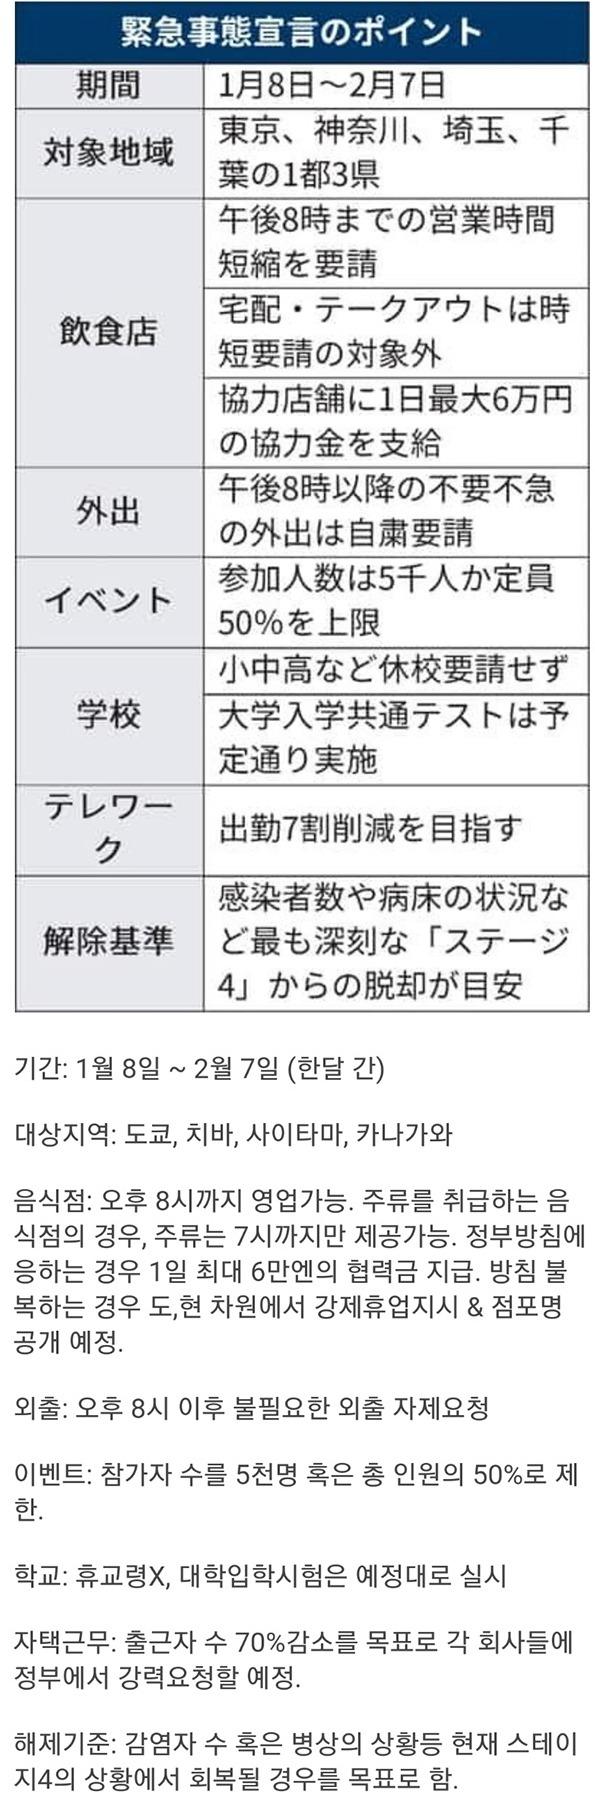 긴급사태 선언한 일본